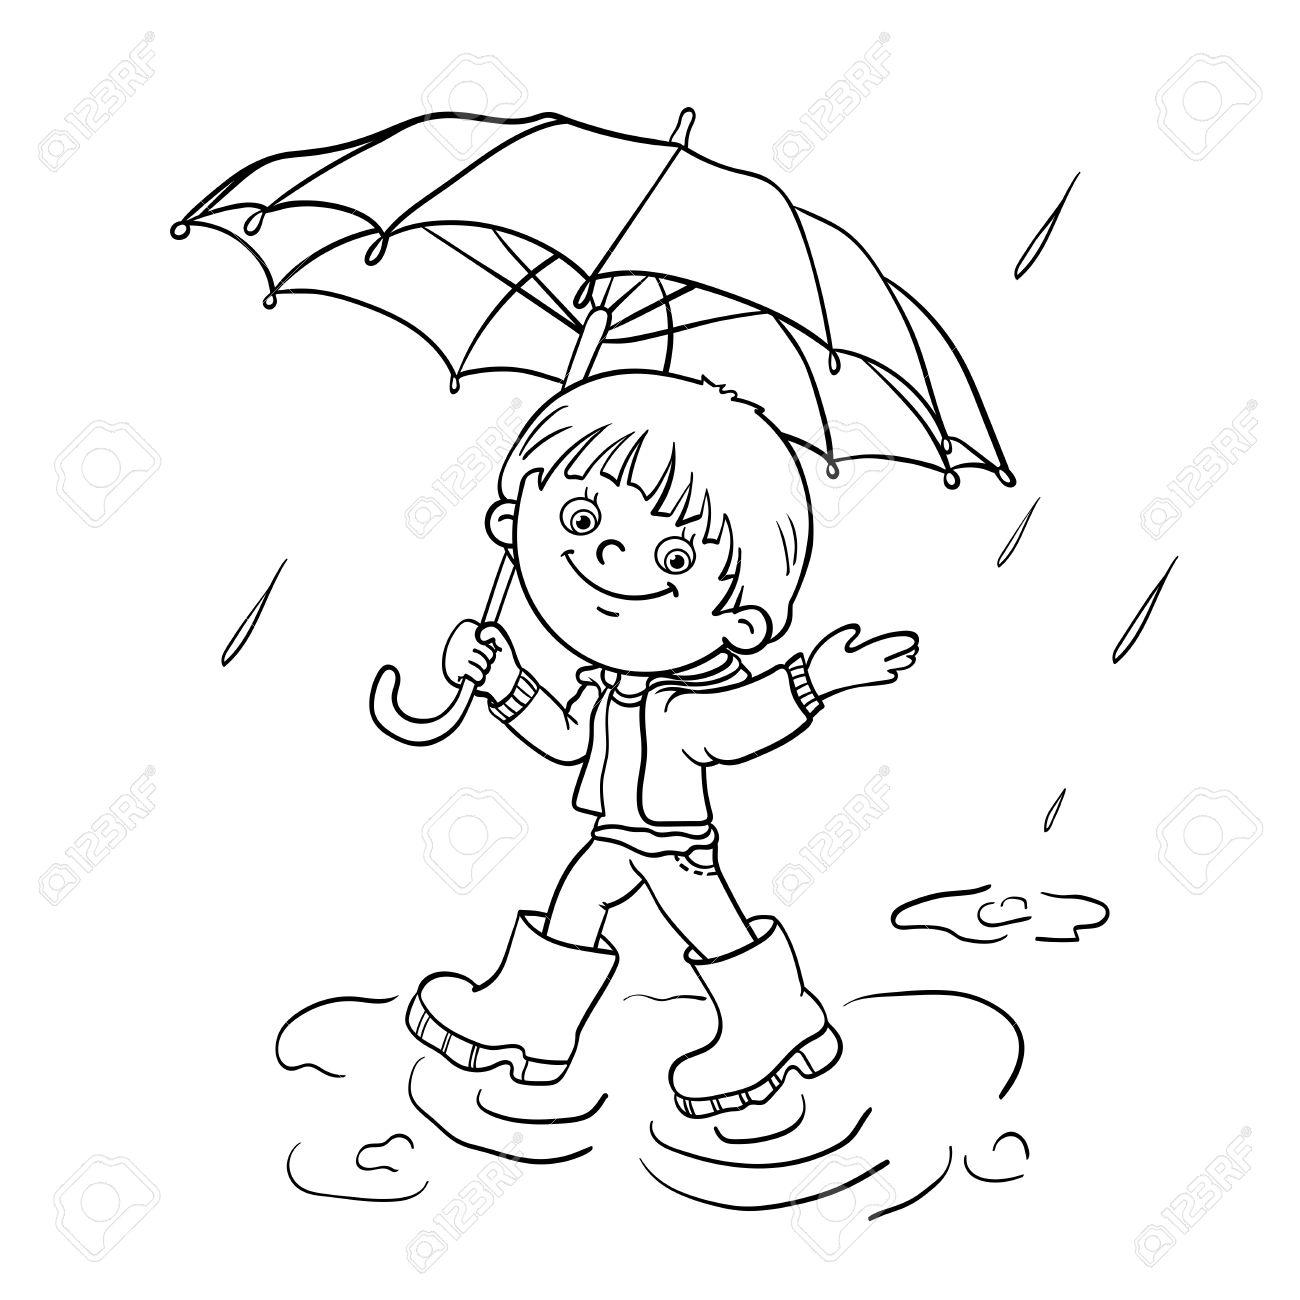 Groß Malvorlagen Regenschirm Regen Zeitgenössisch - Malvorlagen ...